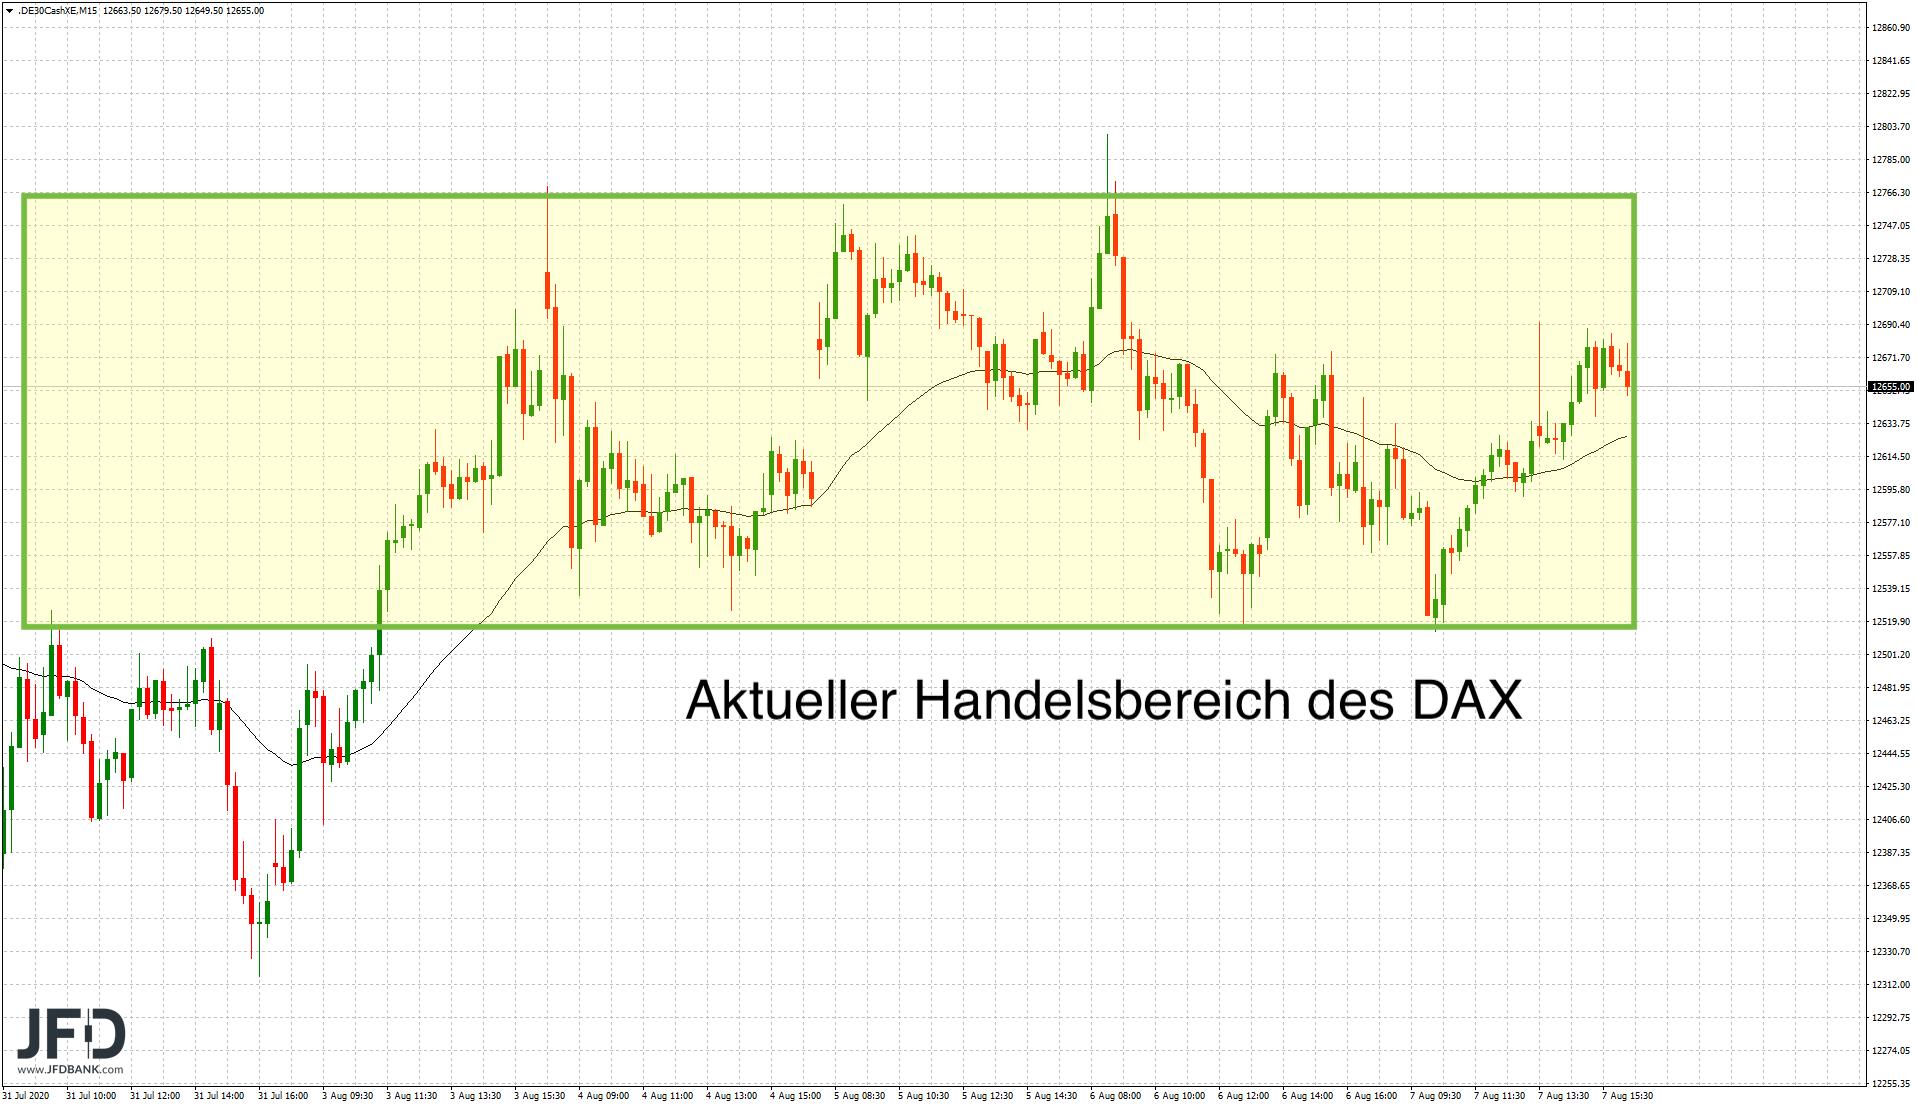 DAX-Handelsbereich aus KW32